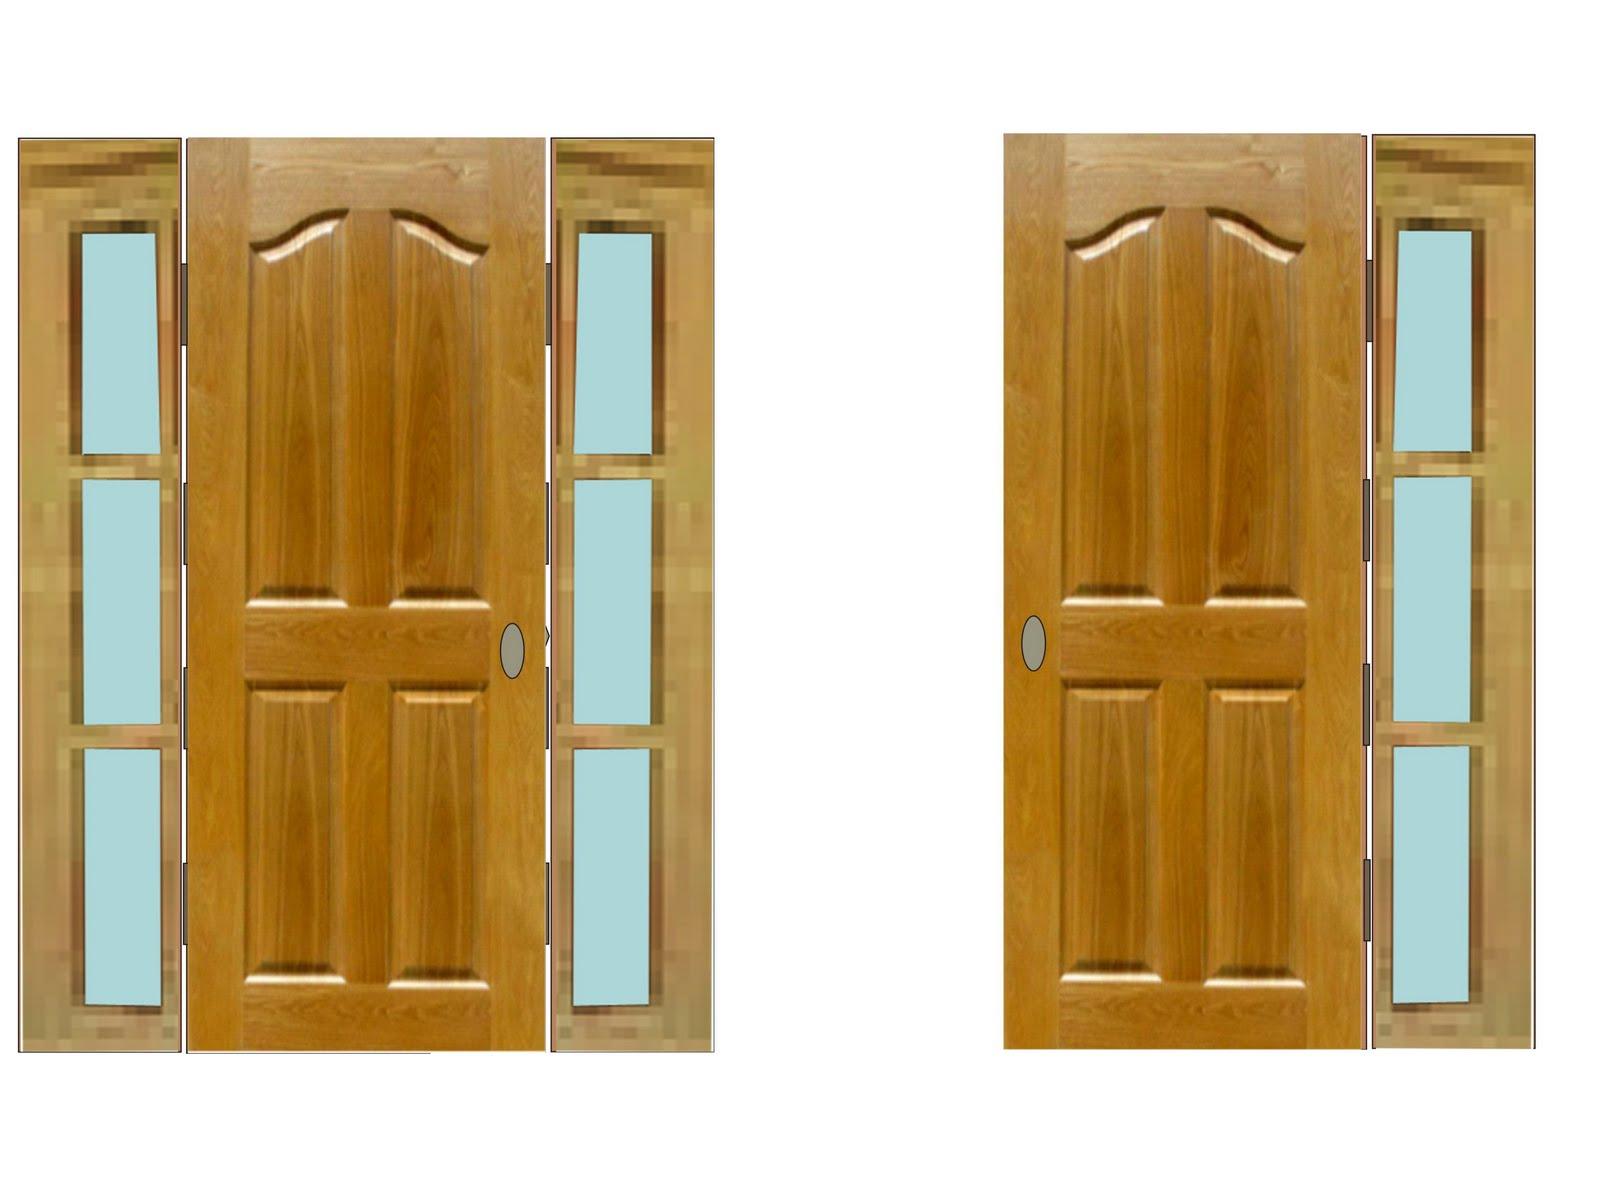 Puertas levadizas carpinteria de madera for Puertas de madera en concepcion